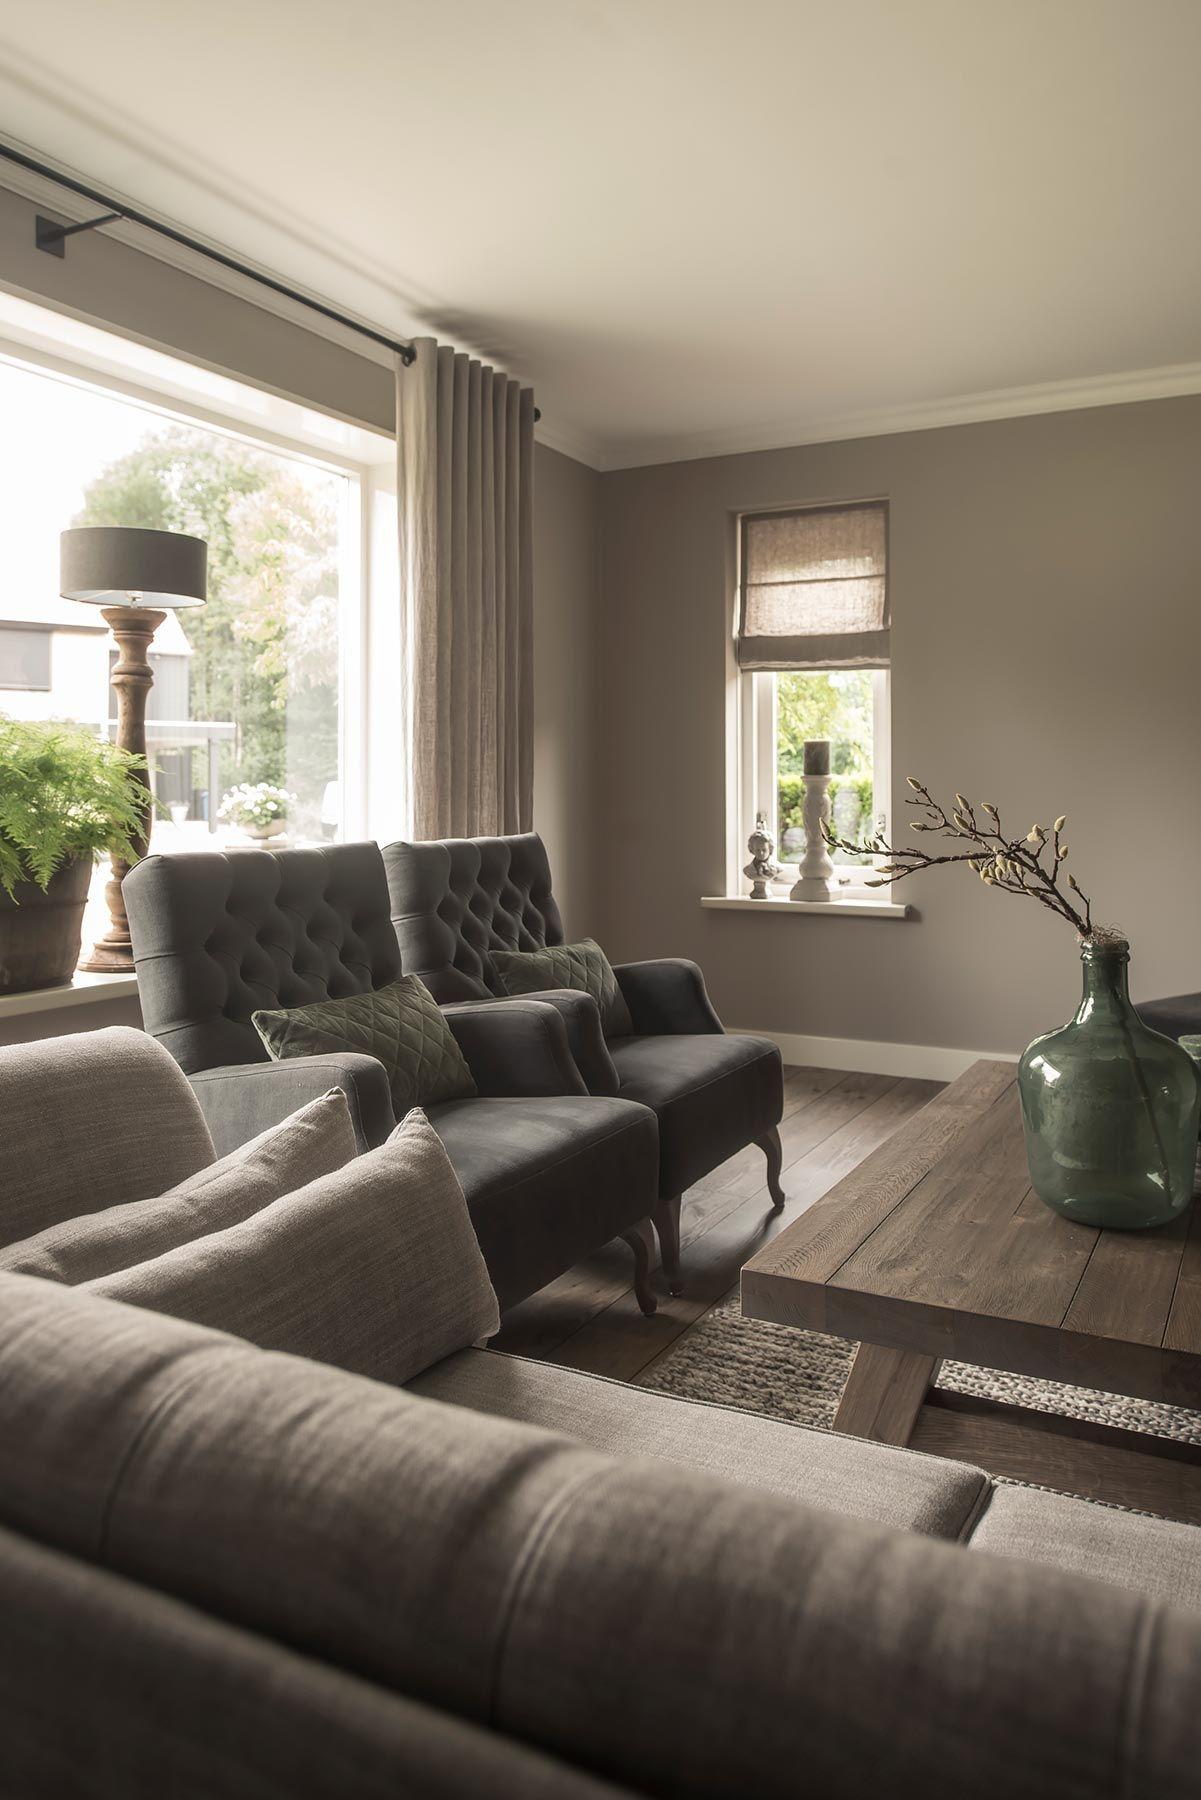 landelijke fauteuils gecapitoneerd - Final choices | Pinterest ...